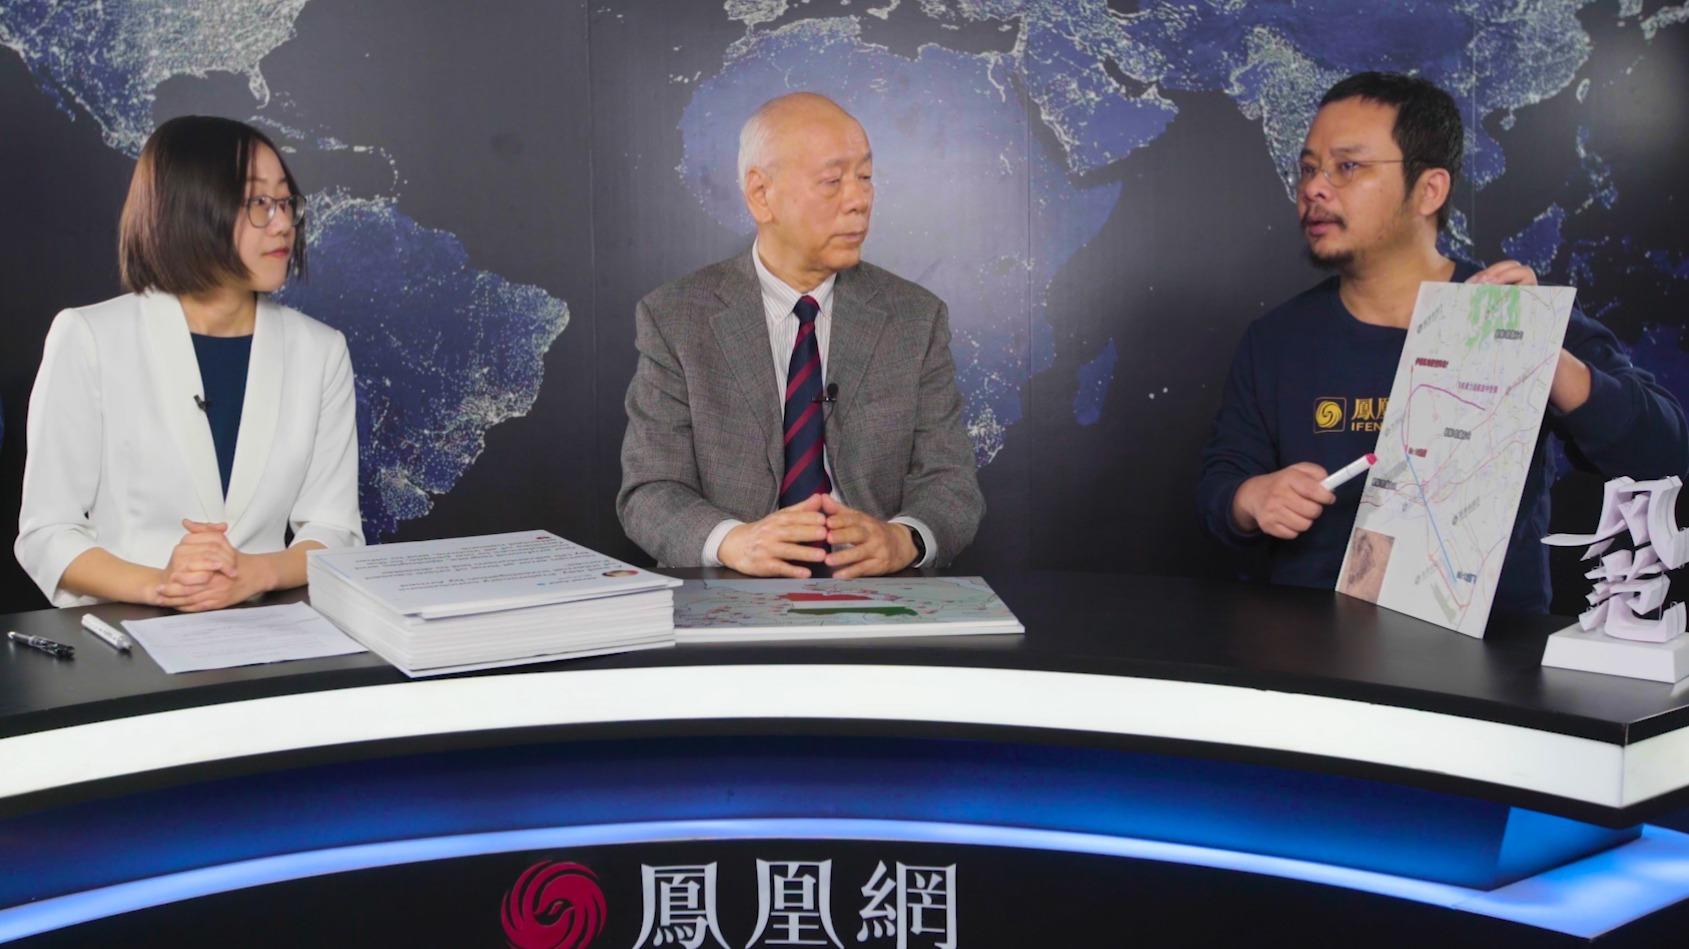 中国前驻伊朗大使谈伊朗坠机:一手好牌打得稀烂 | 外交官访谈录